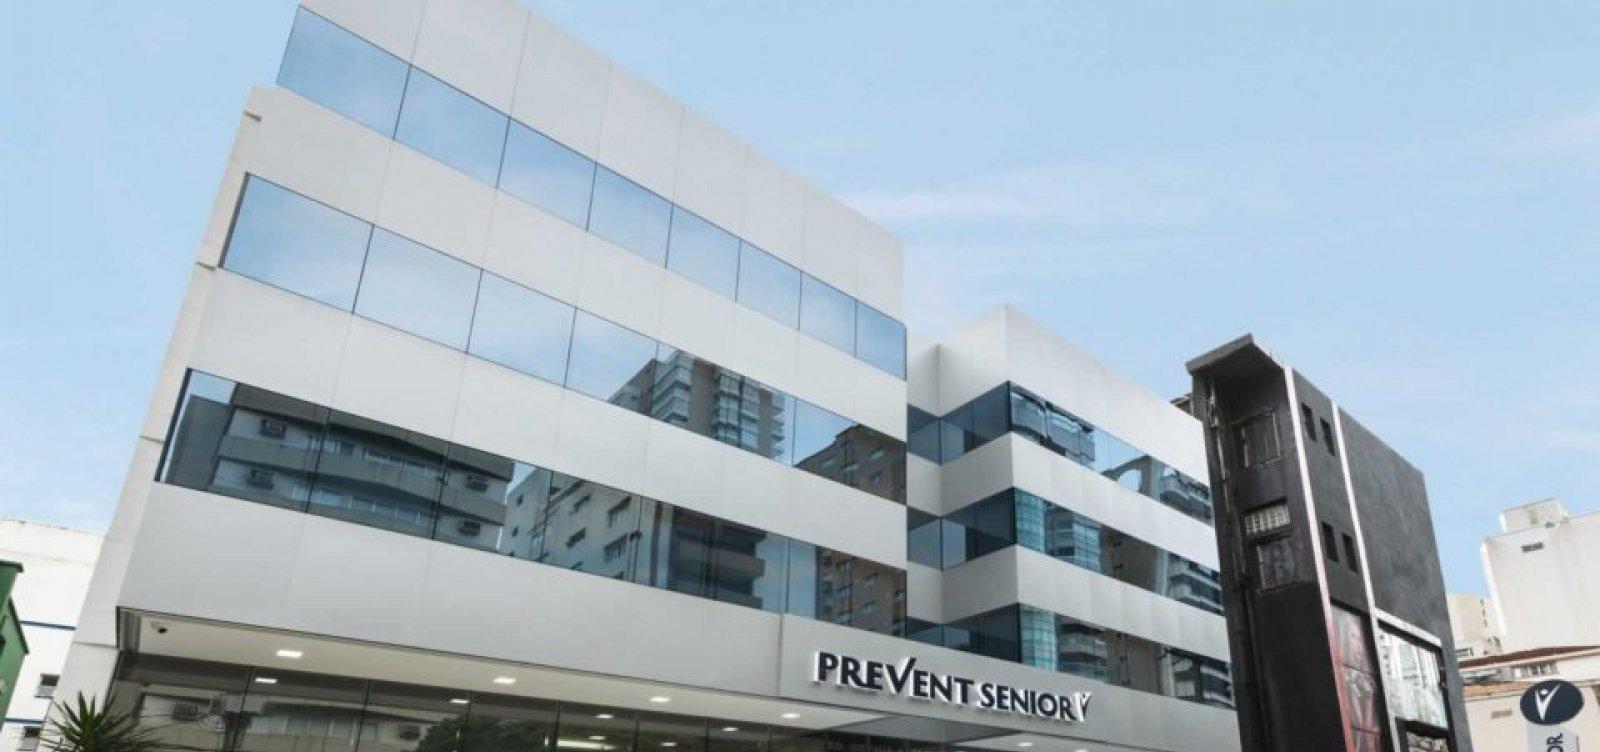 Médico diz ter sido ameaçado por diretor da Prevent Senior após denunciar 'kit Covid'